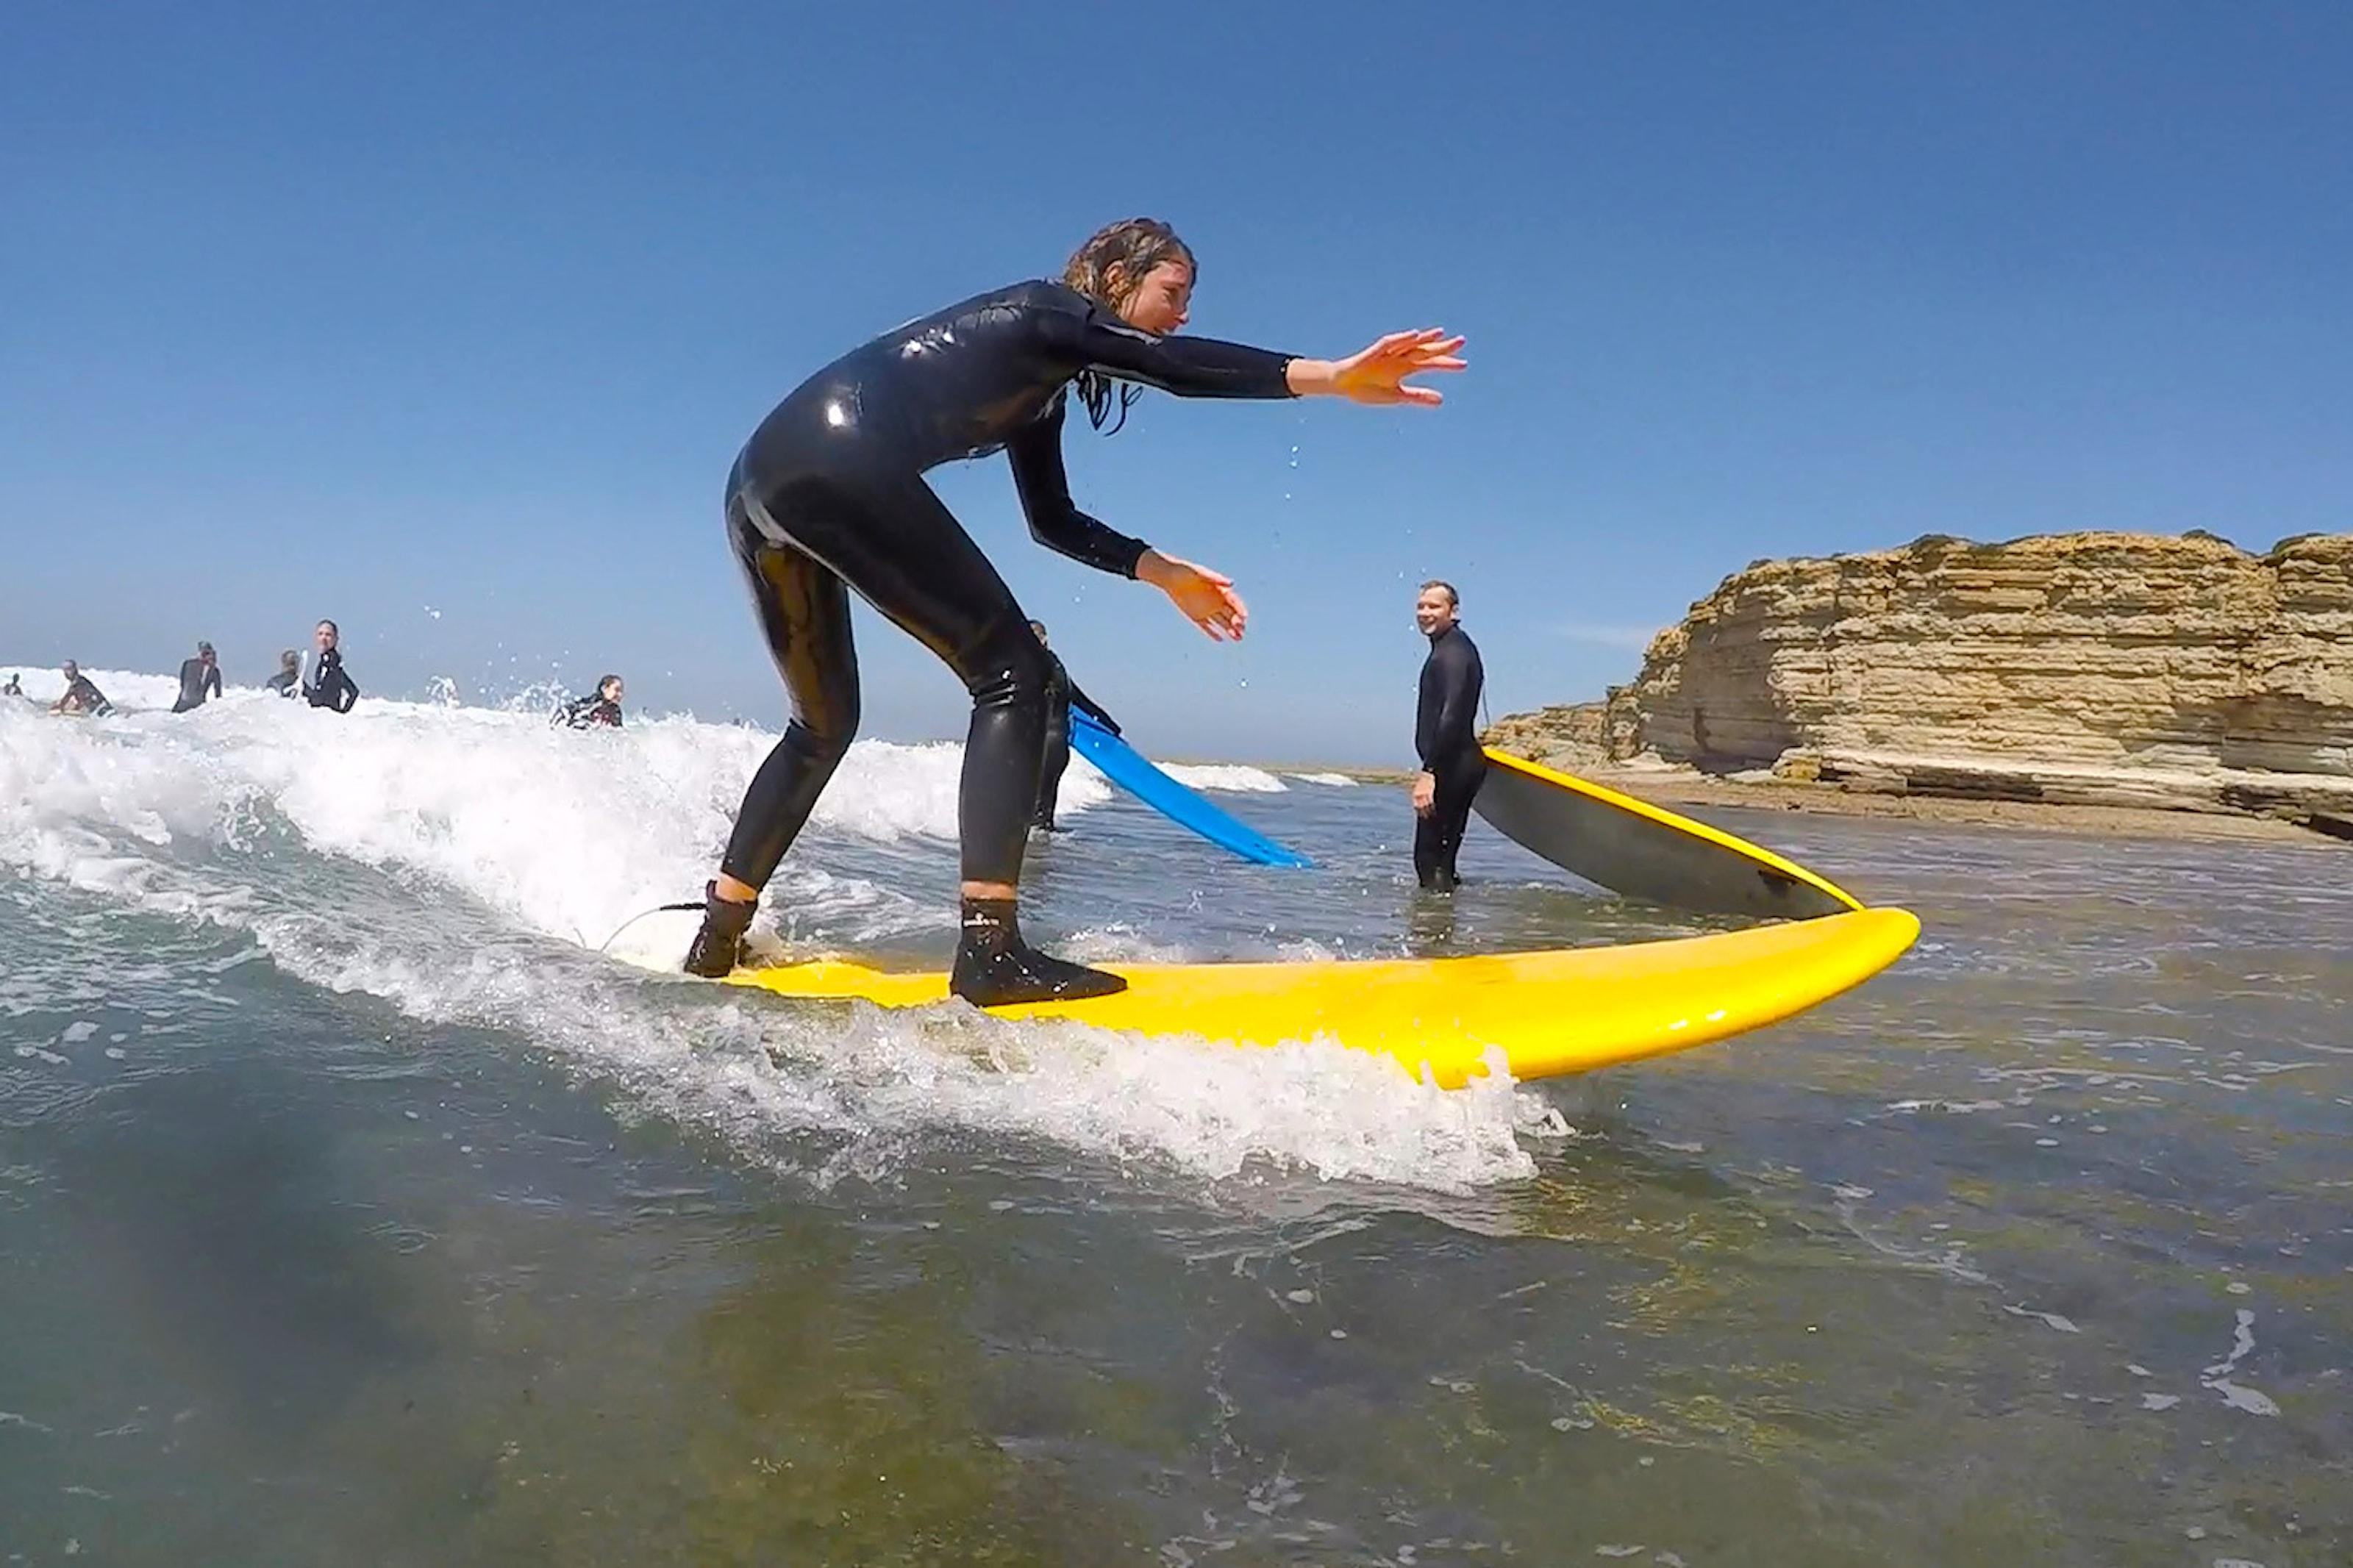 Surfa i Portugal